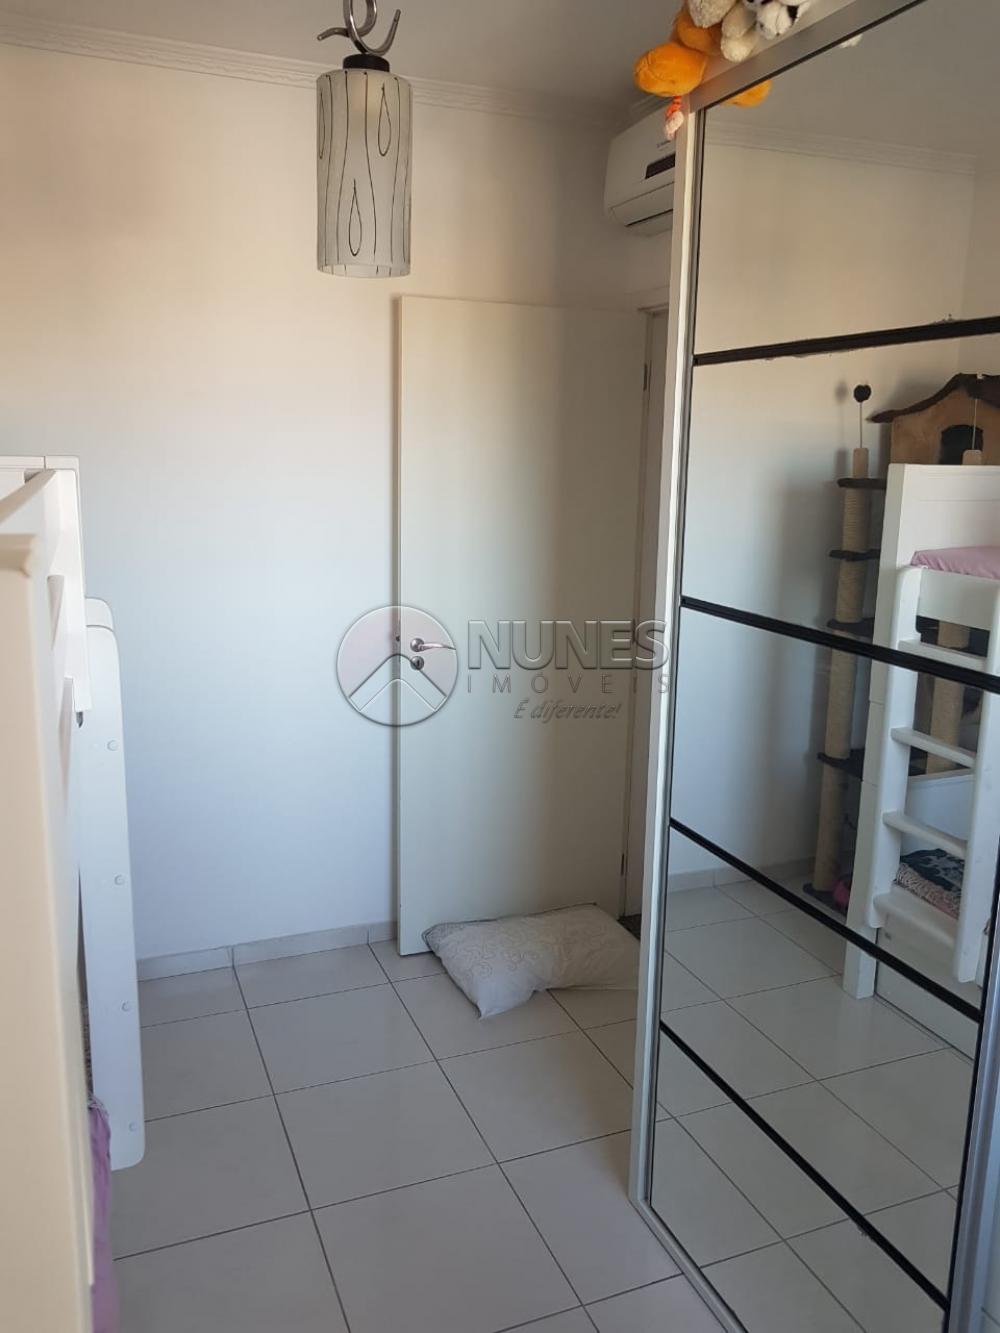 Comprar Apartamento / Padrão em Caraguatatuba apenas R$ 350.000,00 - Foto 21